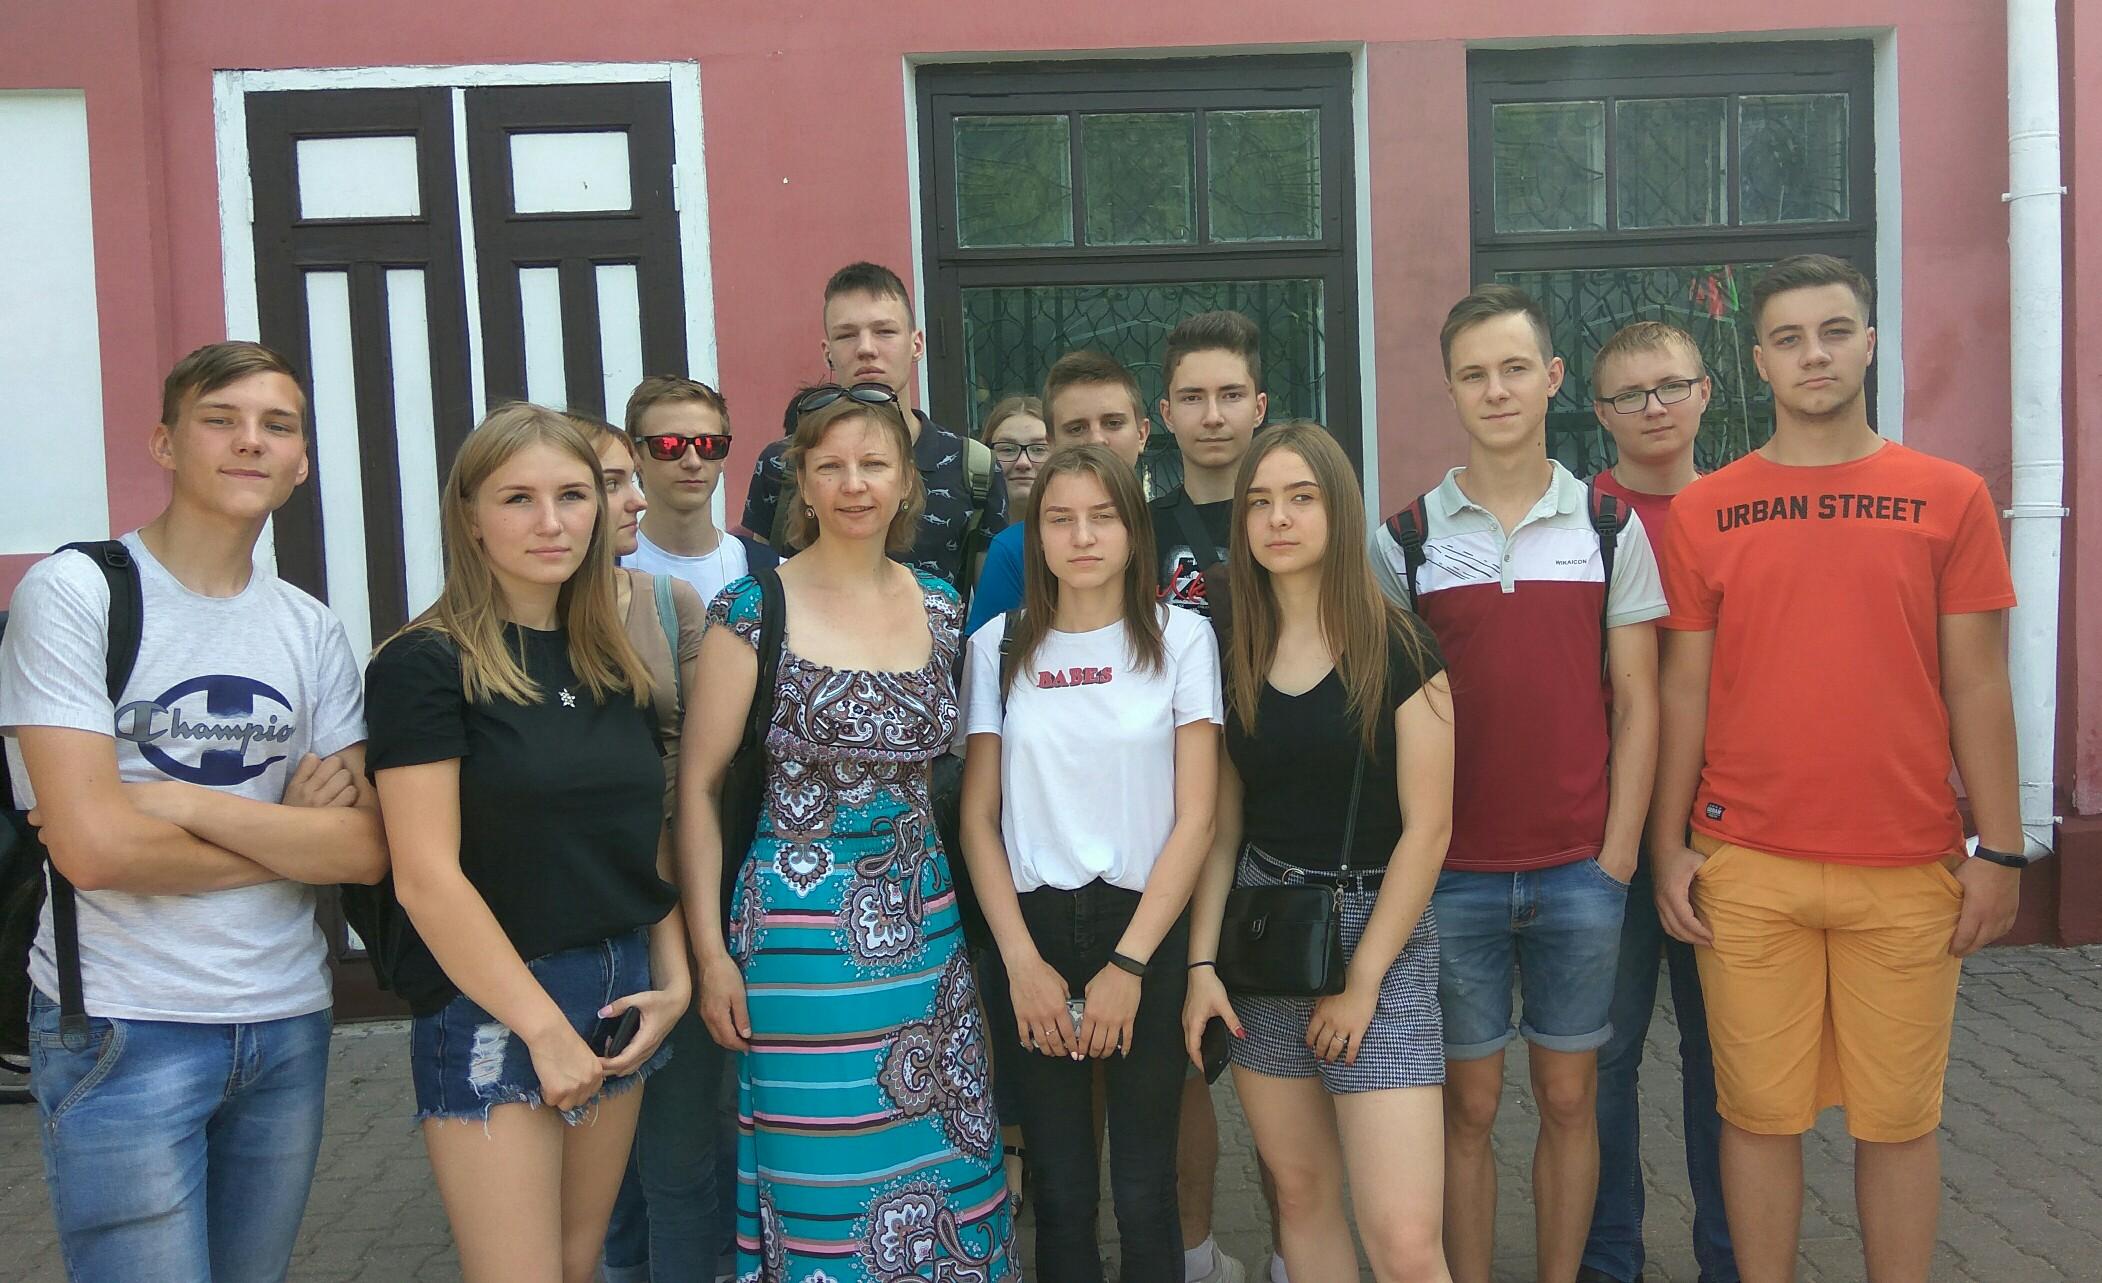 Встреча участников автопробега ДОСААФ Республики Беларусь и ДОСААф России